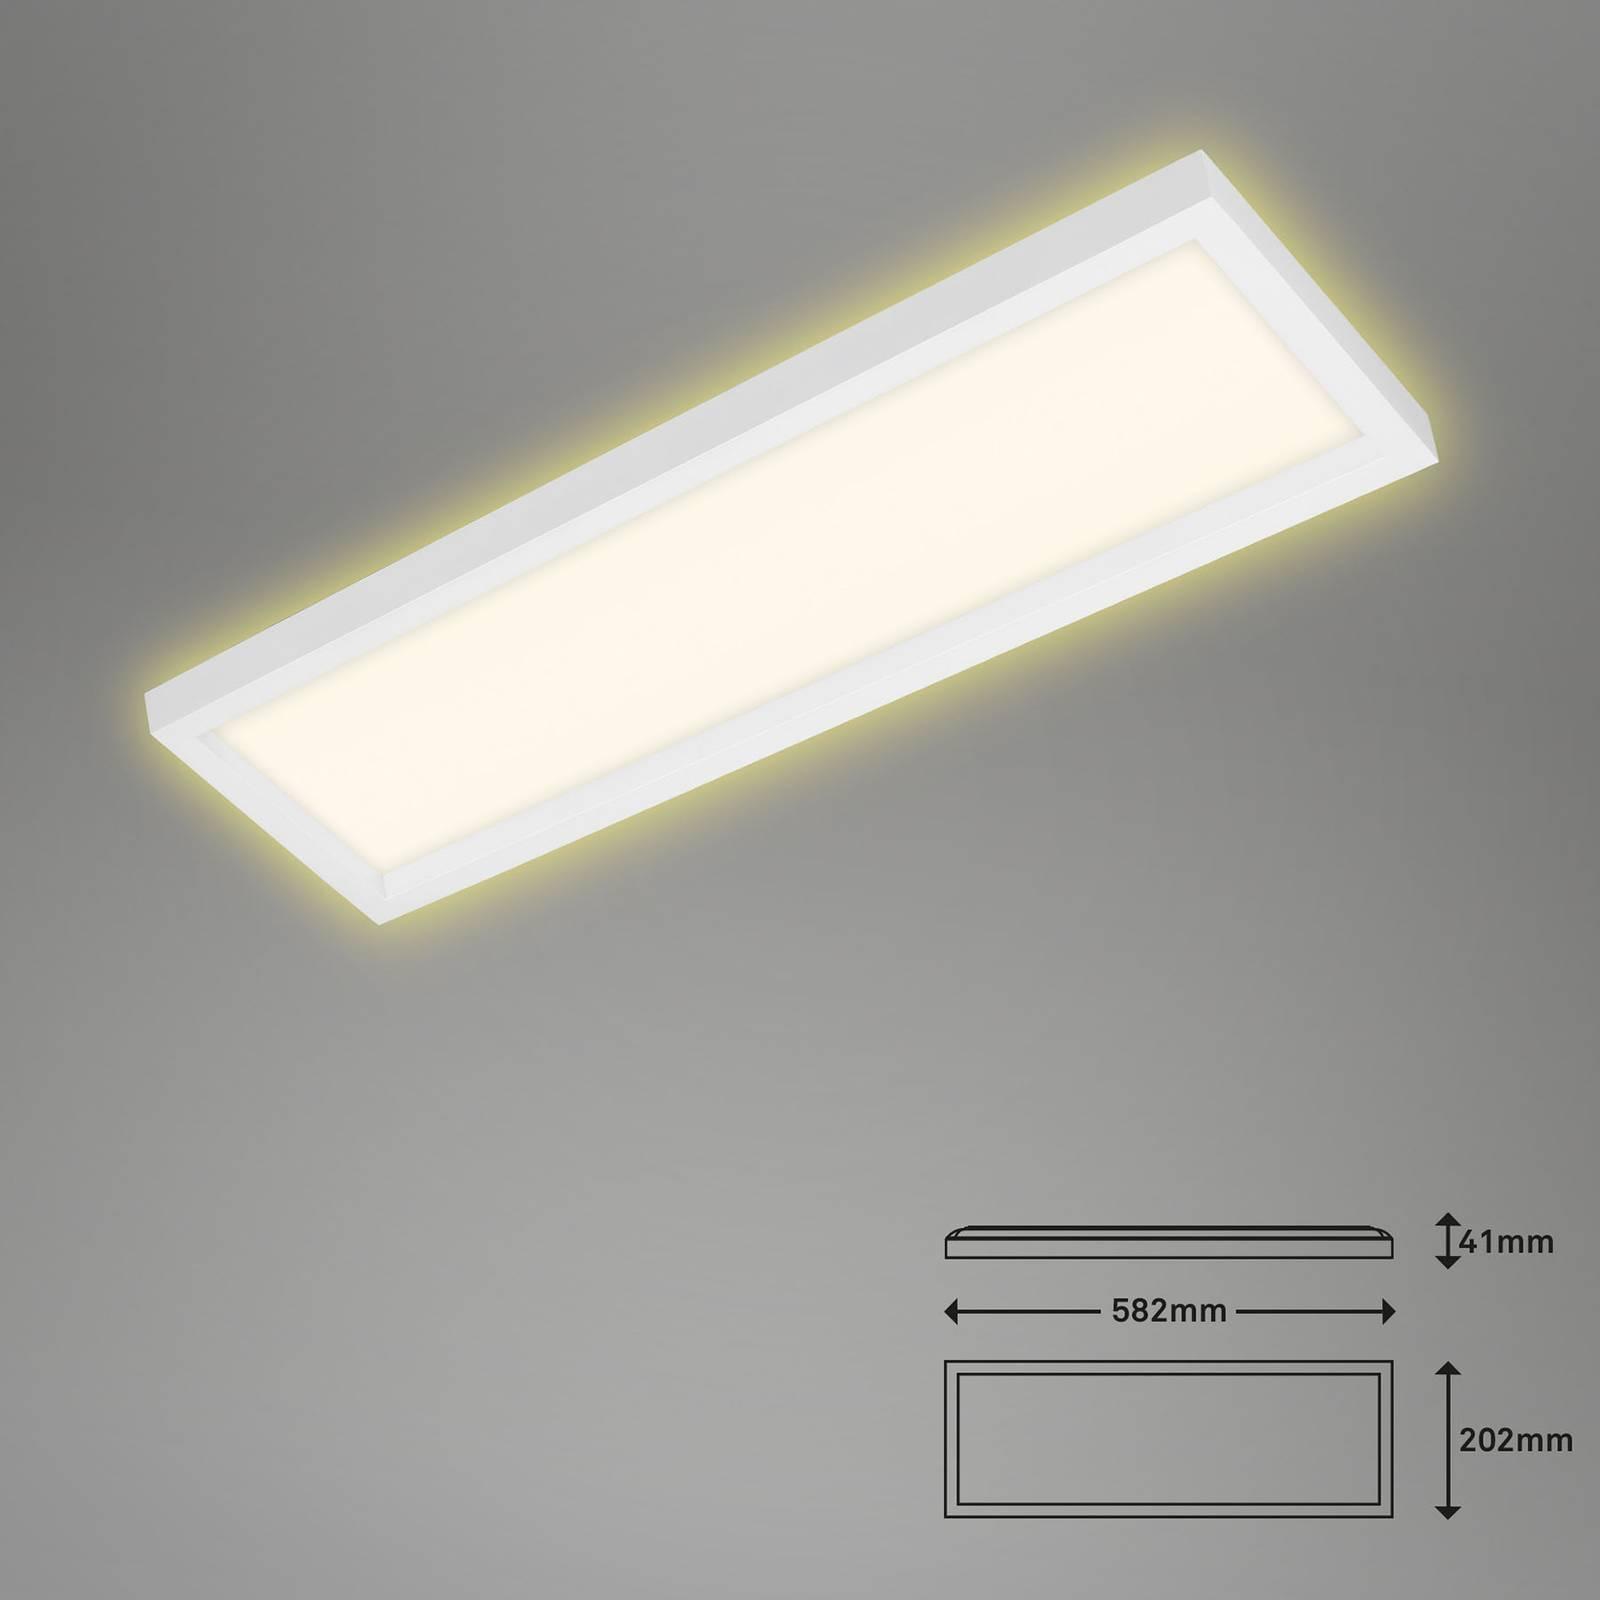 LED-kattovalaisin 7365, 58 x 20 cm, valkoinen